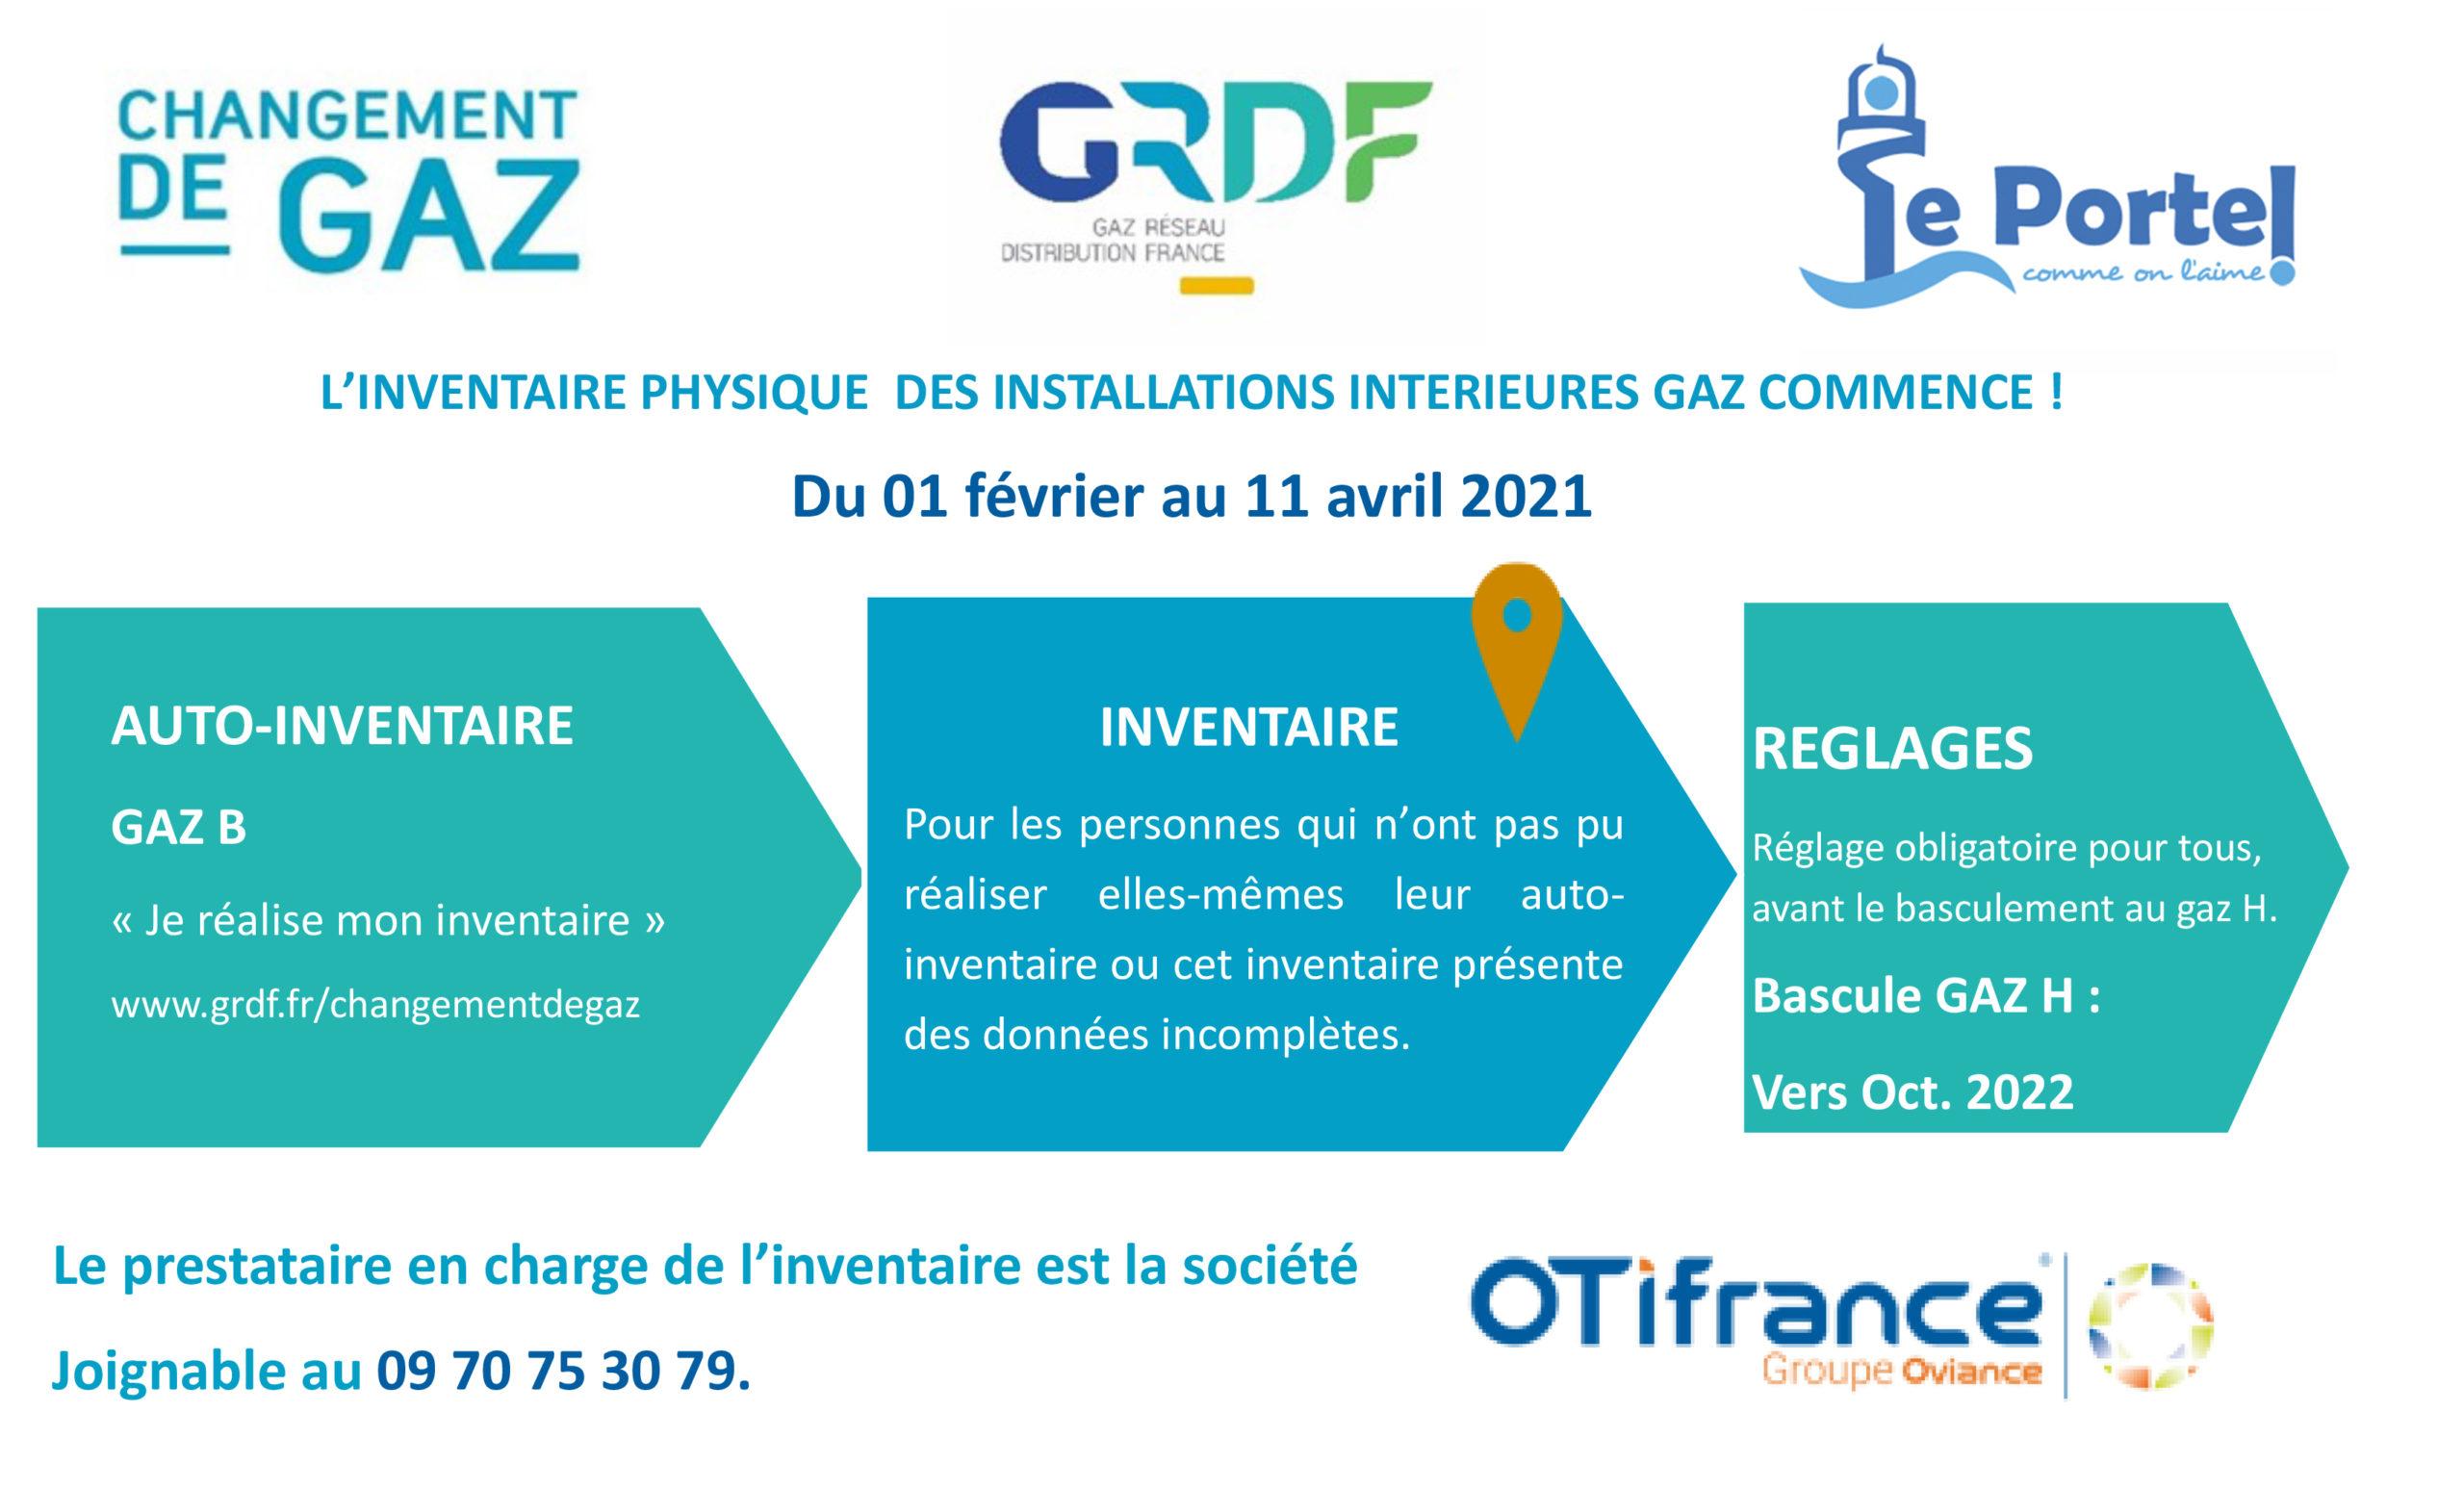 Changement de gaz